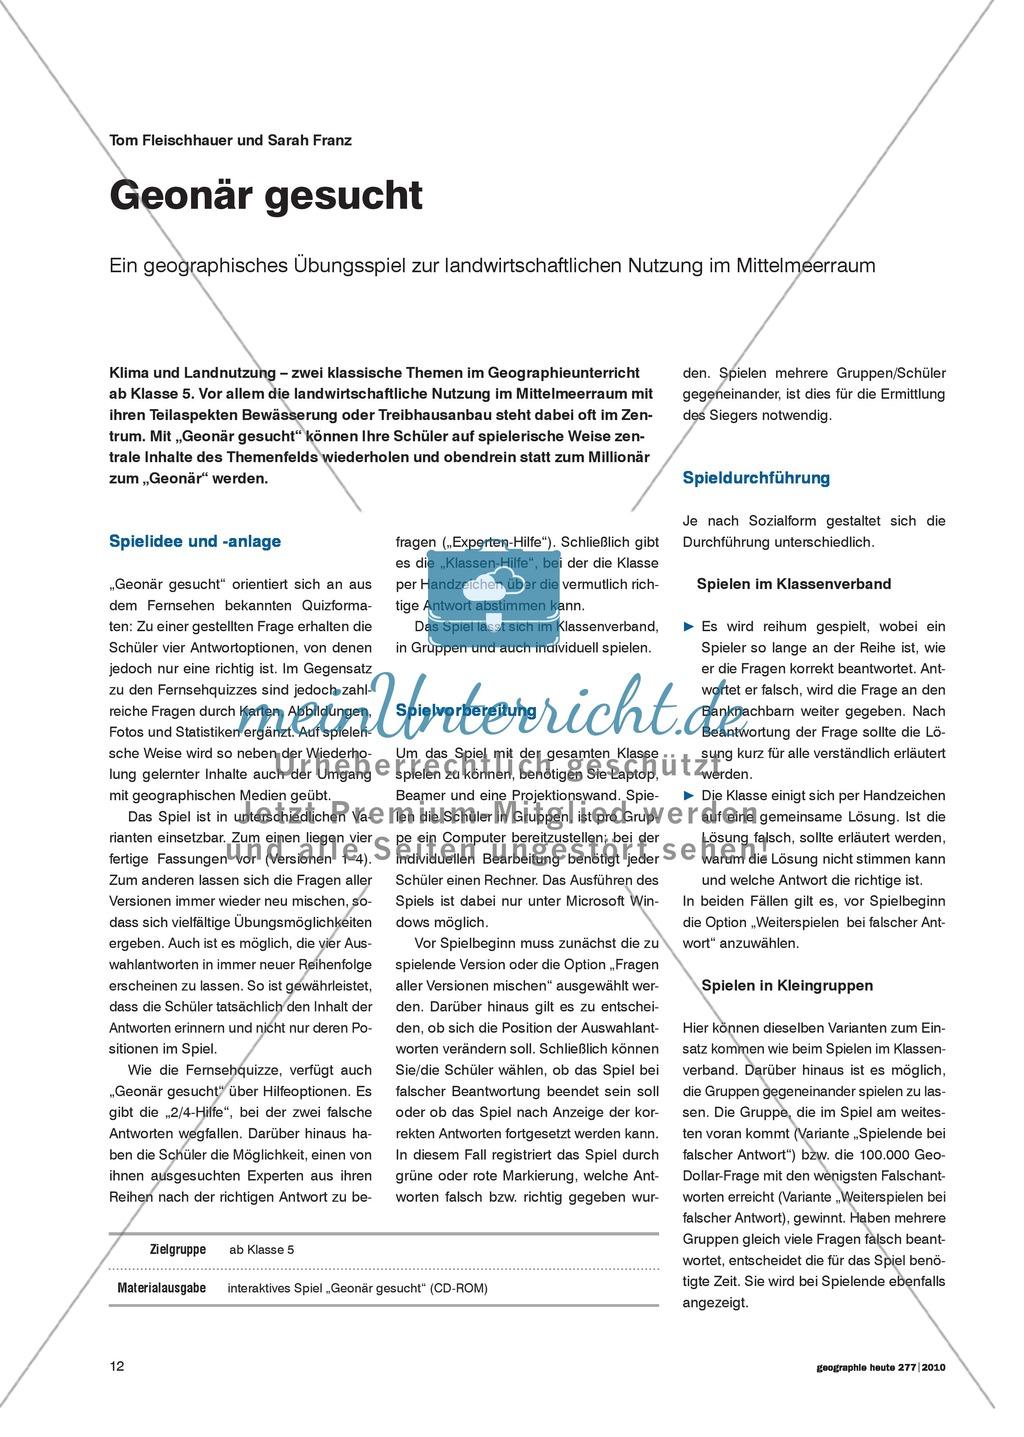 Klima und Landnutzung: Geographisches Übungsspiel zur landwirtschaftlichen Nutzung im Mittelmeerraum Preview 0